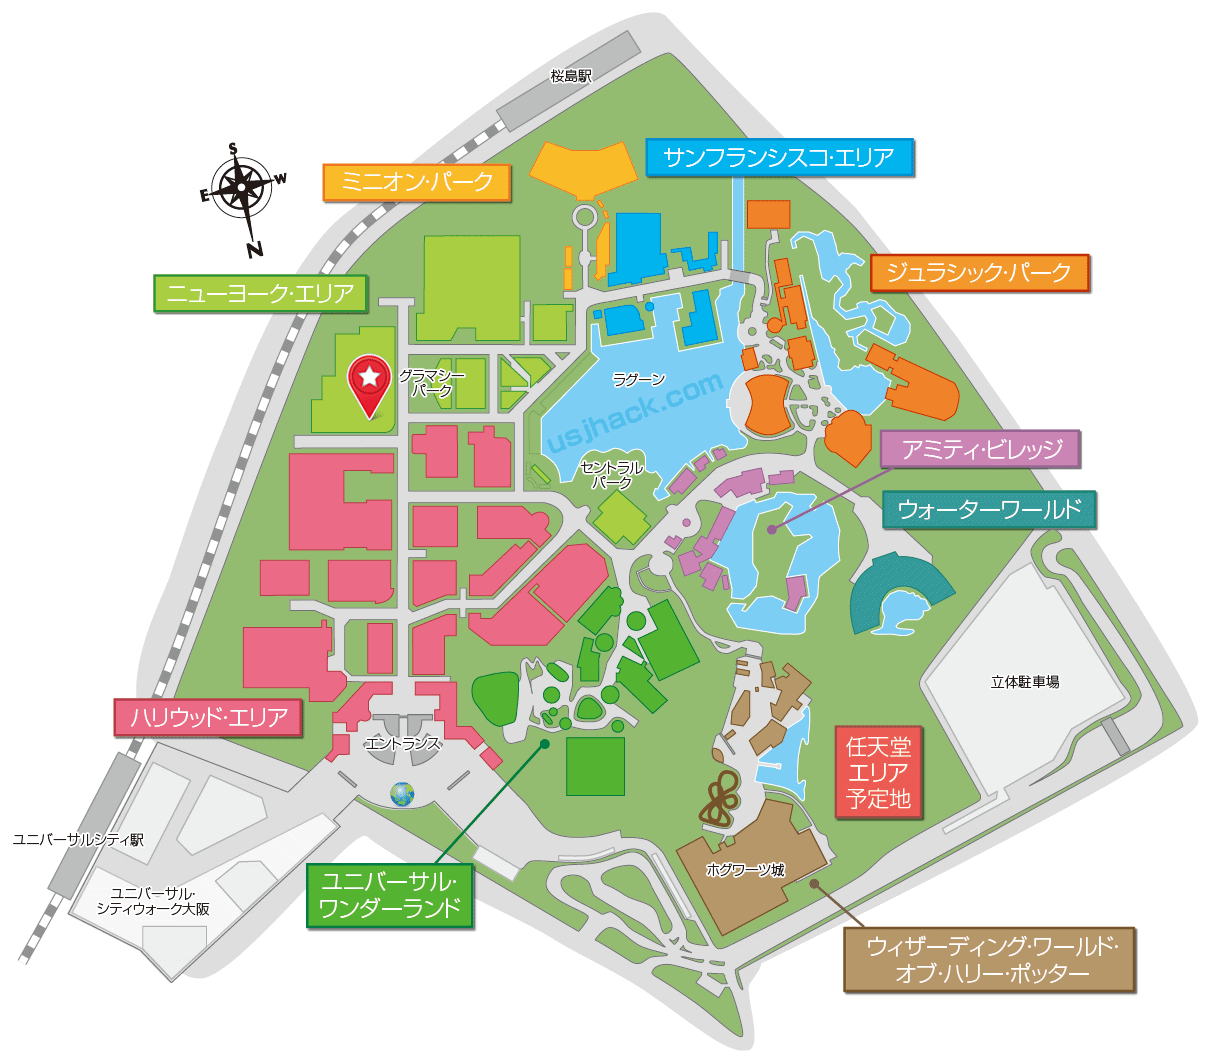 マップで確認する進撃の巨人ザリアルの開催場所